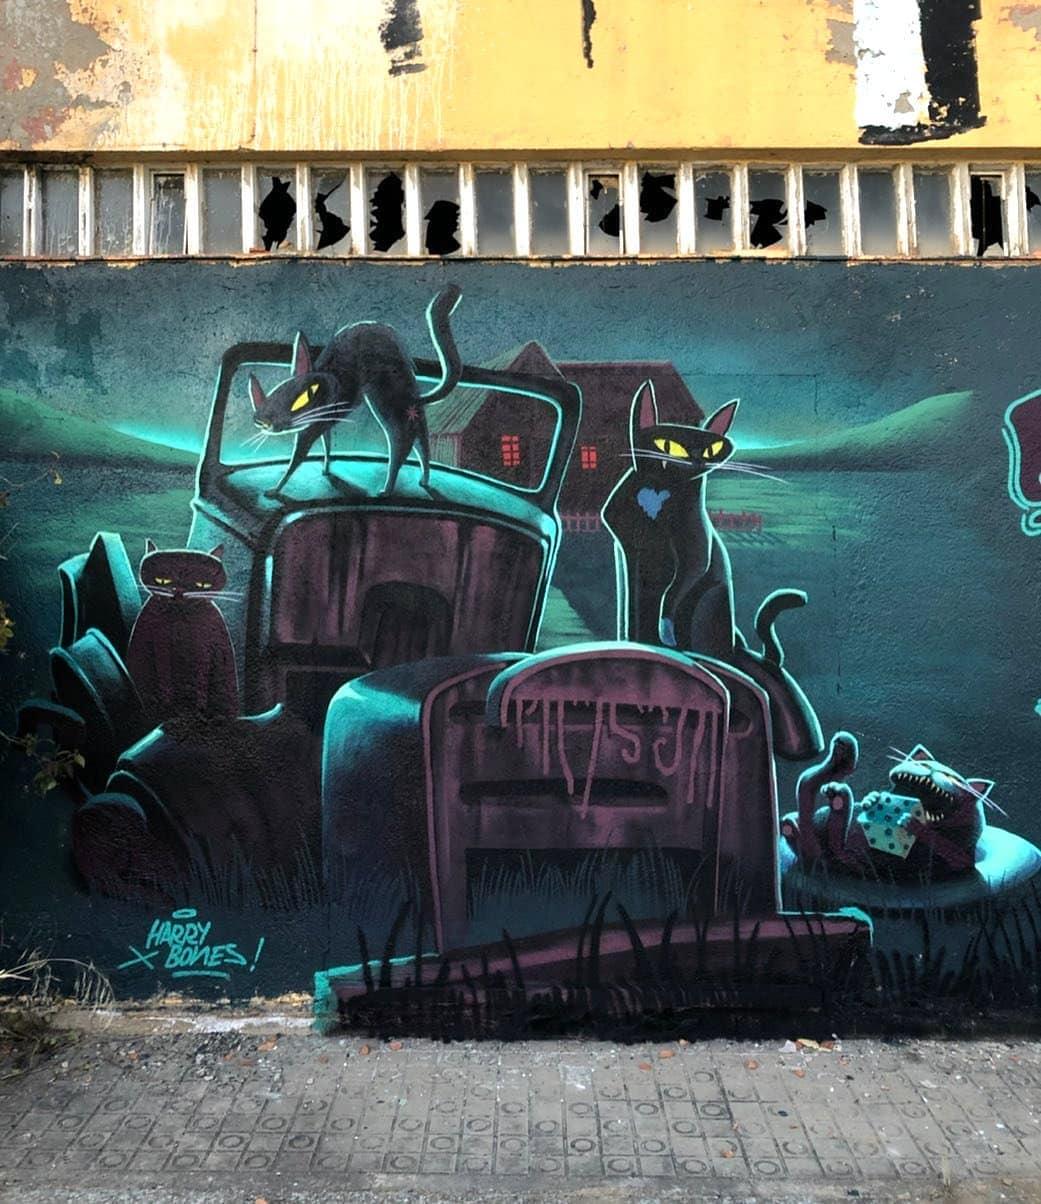 Harry Bones @ Barcelona, Spain